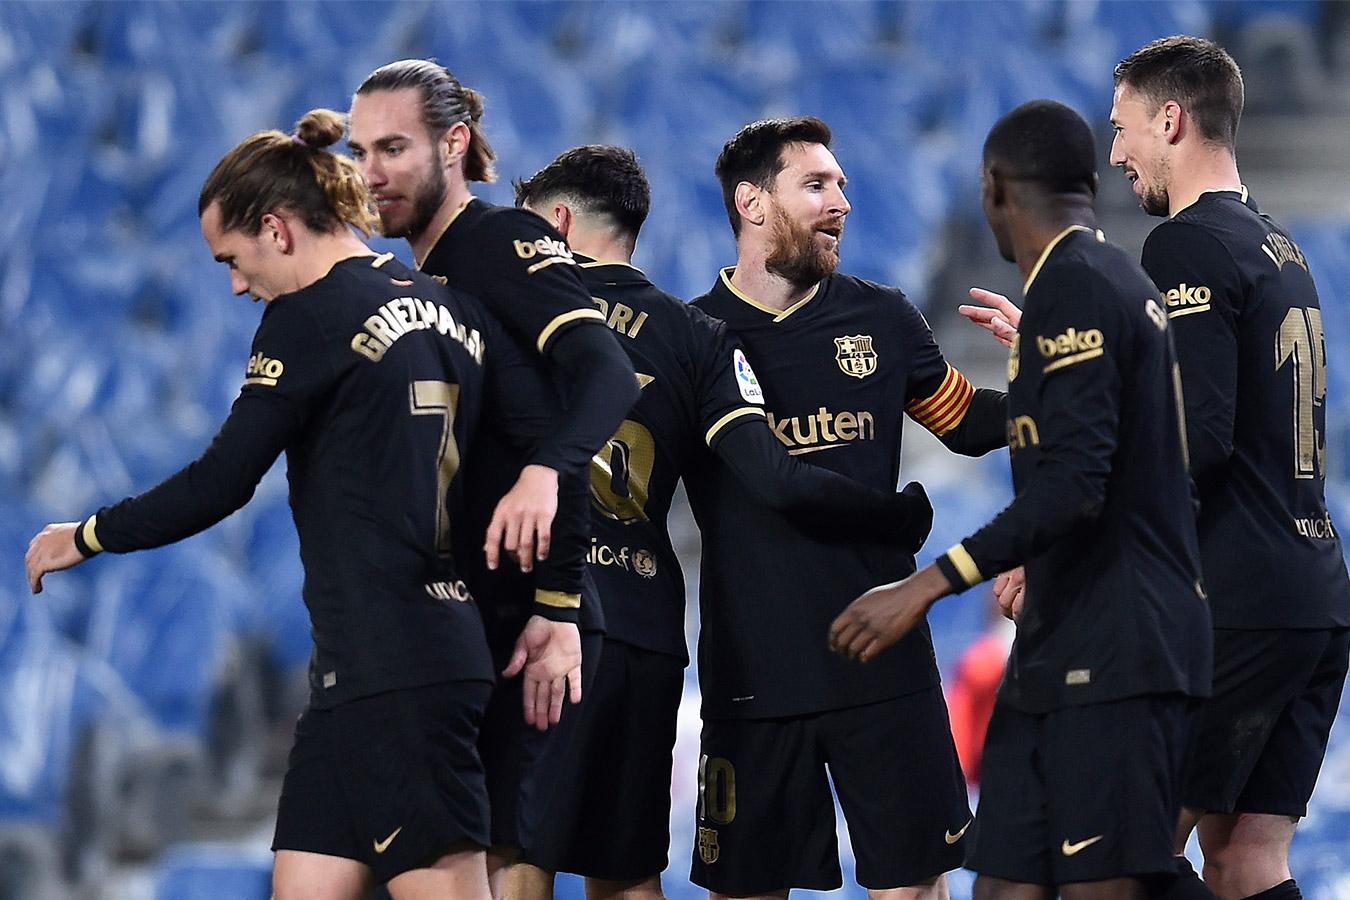 «Барселона» — самый дорогой футбольный клуб мира по версии Forbes